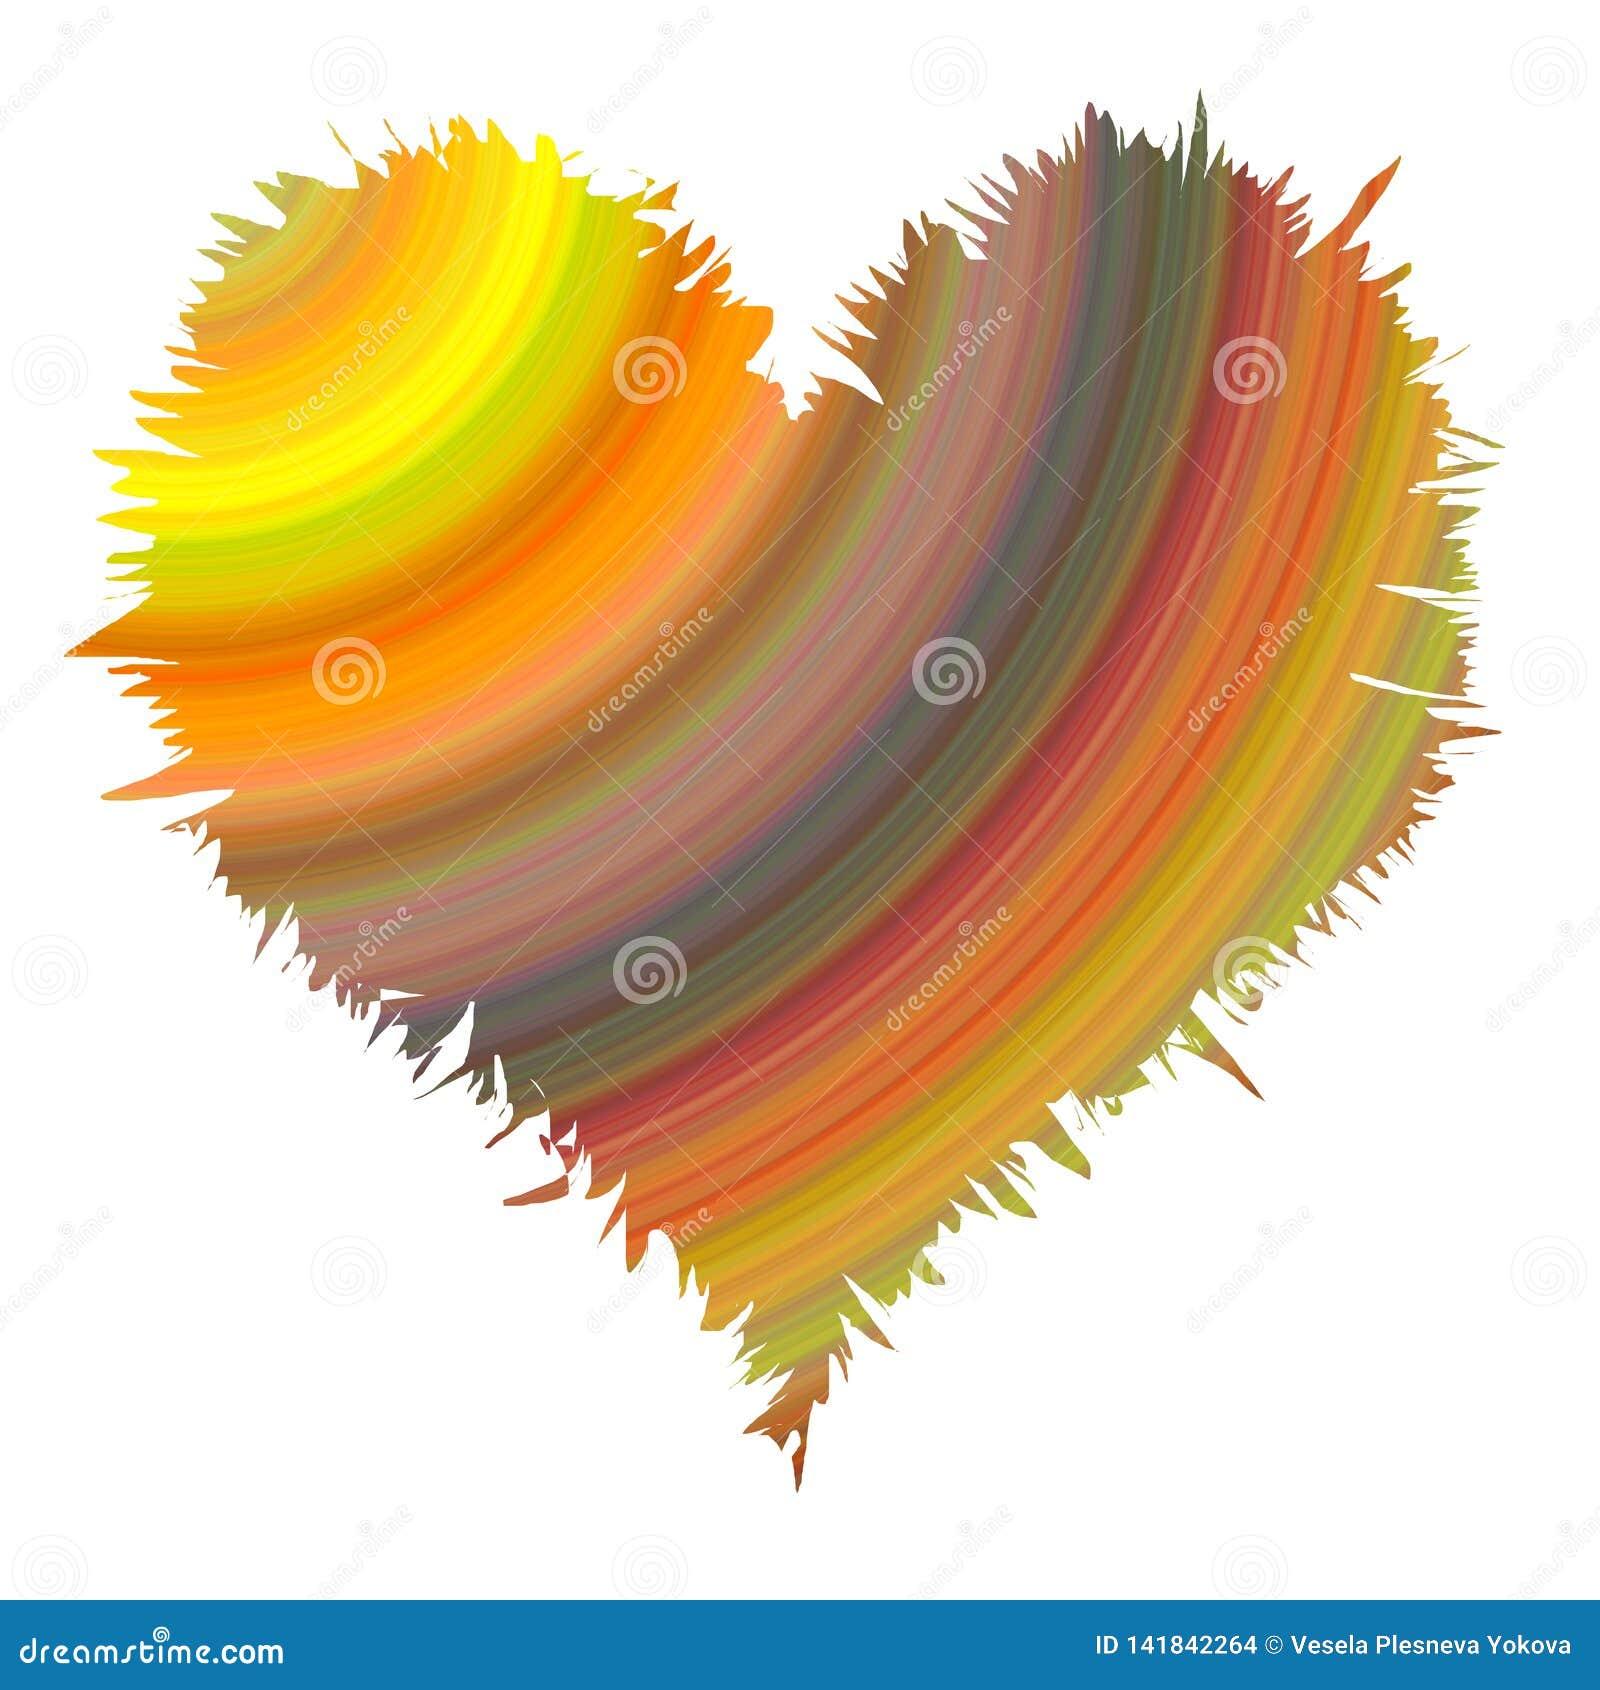 Texture abstraite de coeur dans des couleurs douces en pastel débordantes